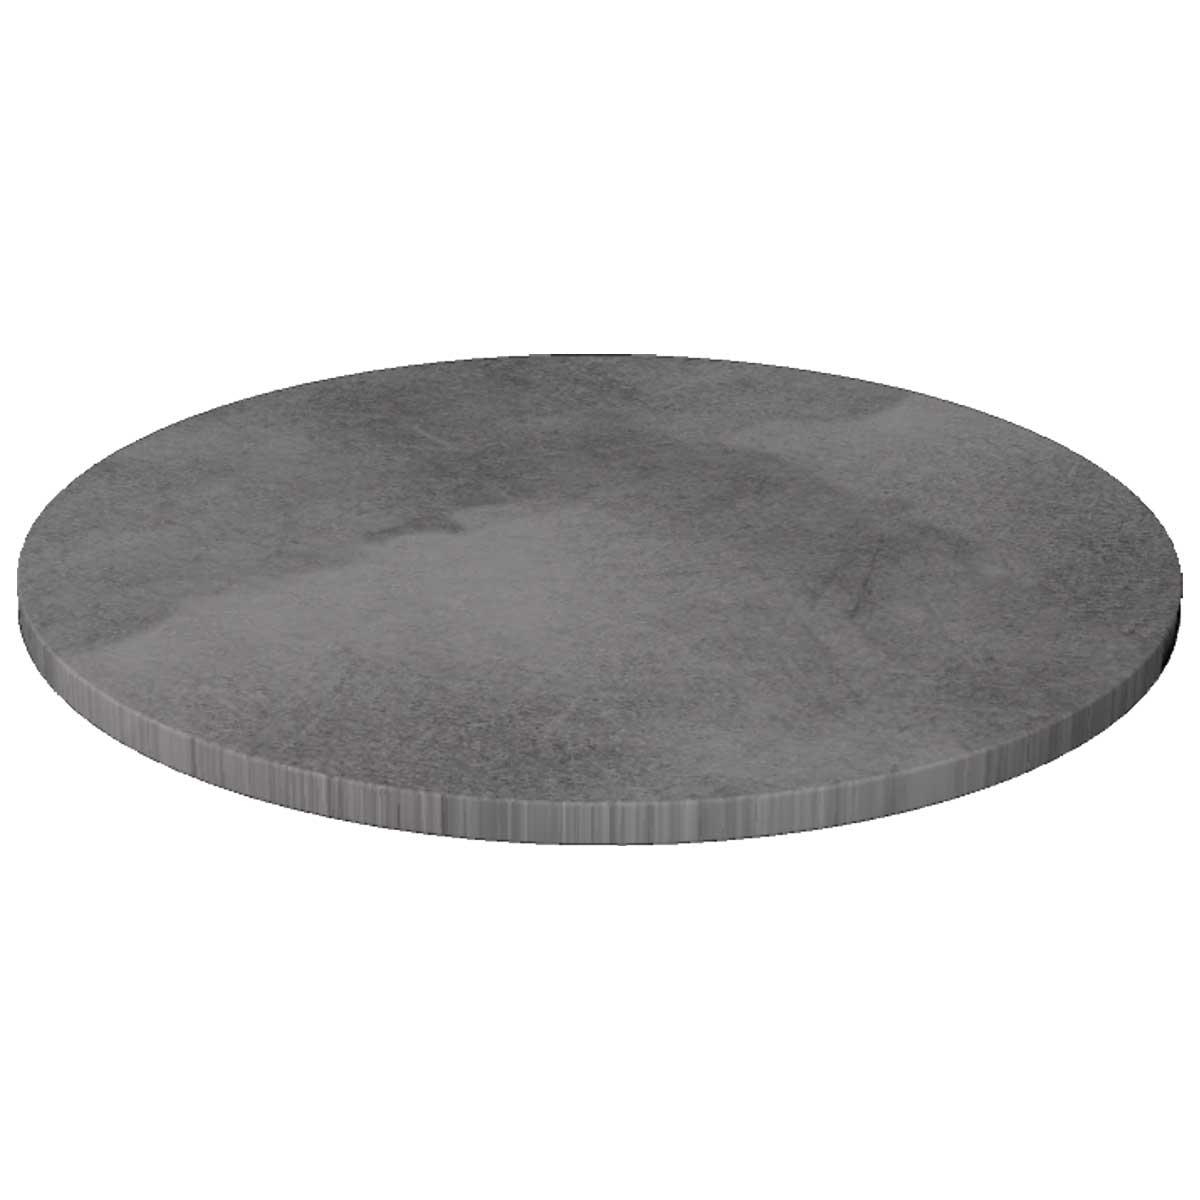 TICAM R60 3192 - https://www.werzalit.com/fr/produit/plateau-de-table-cambium-r-o60cm-epaisseur-de-panneau-29cm-decor-dusseldorf/